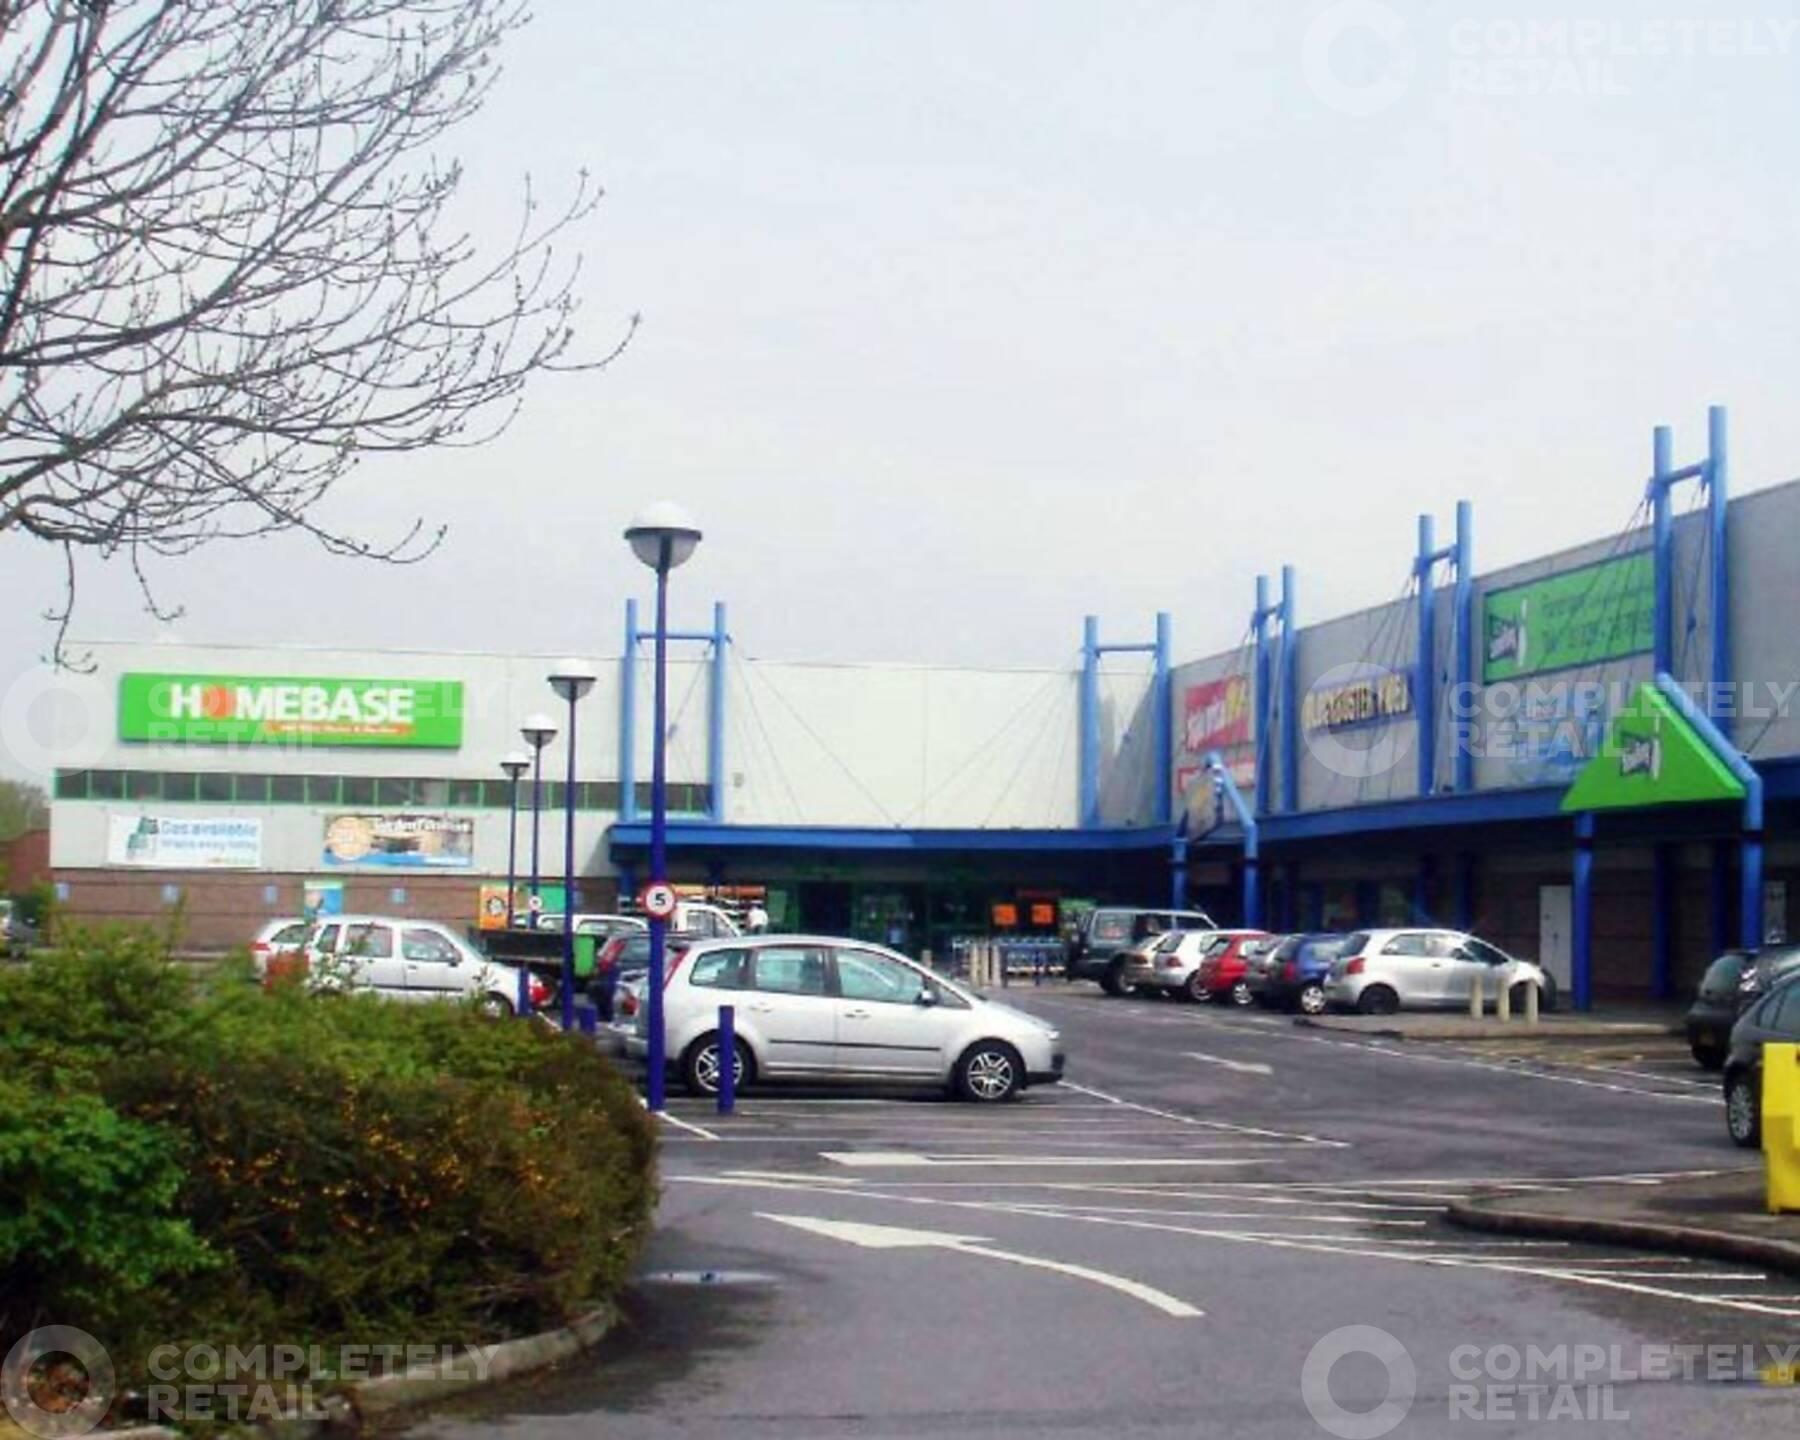 Collingwood Retail Park